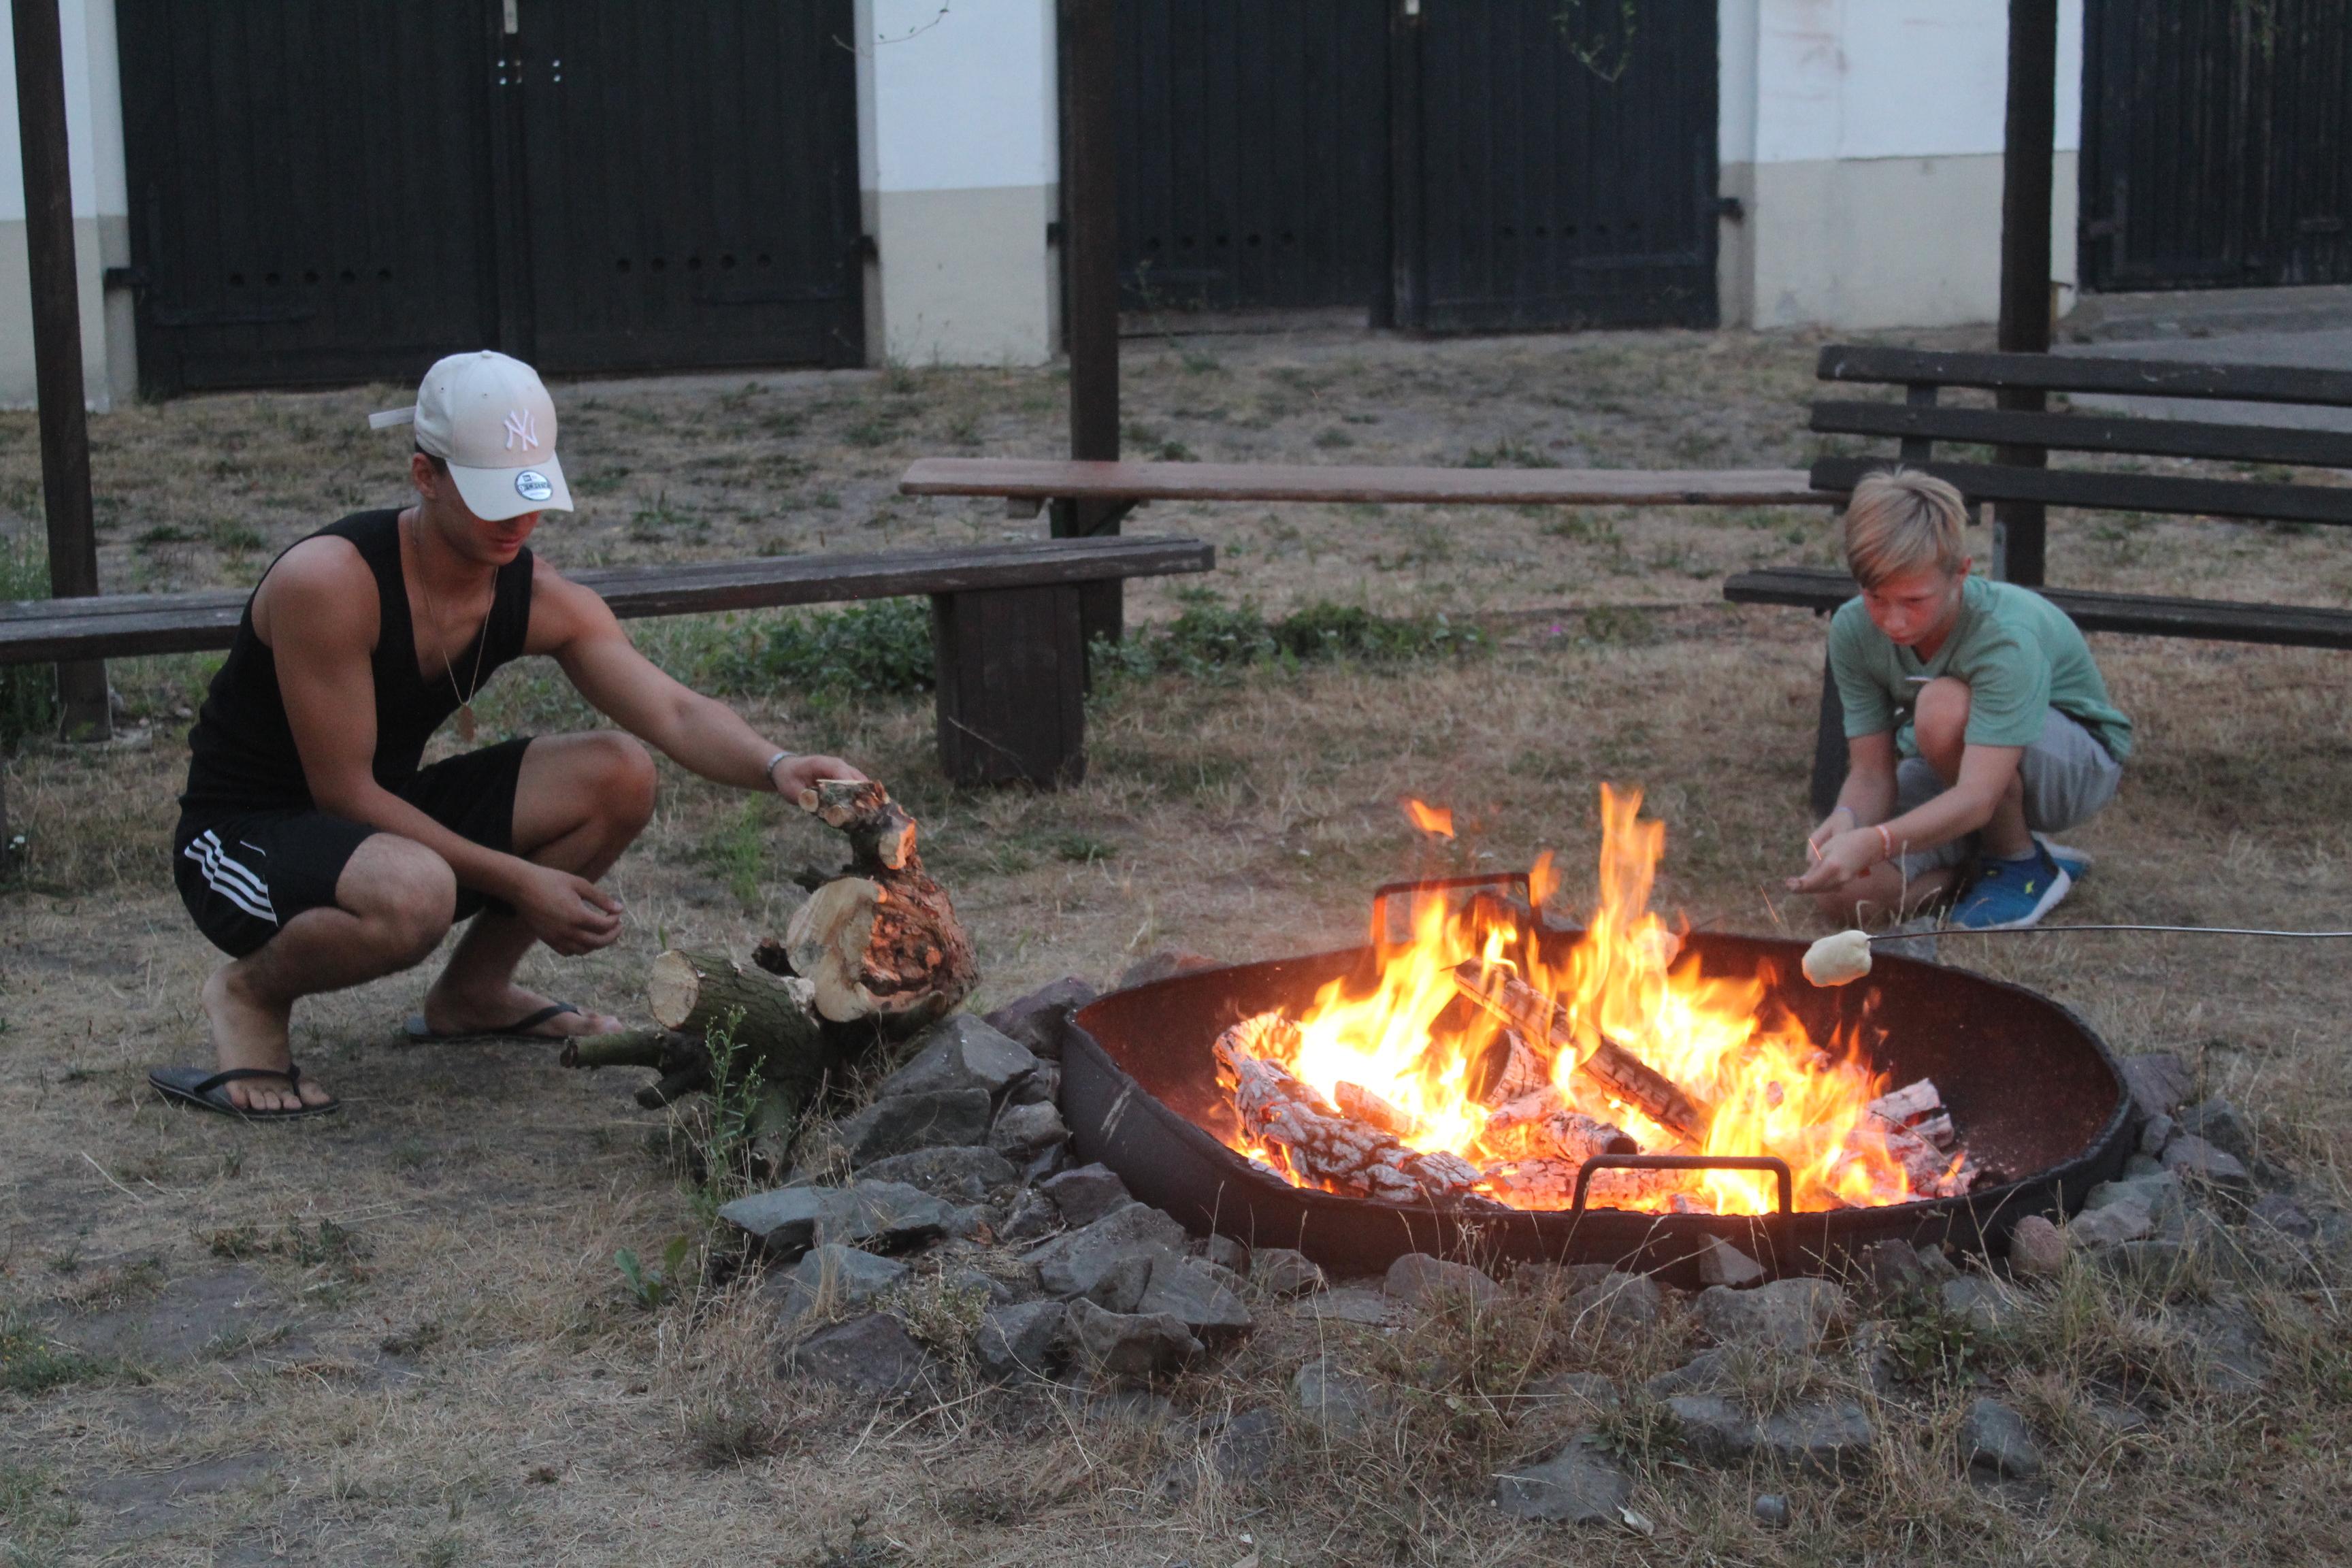 Der Tag endet mit Stockbrot und Feuer.